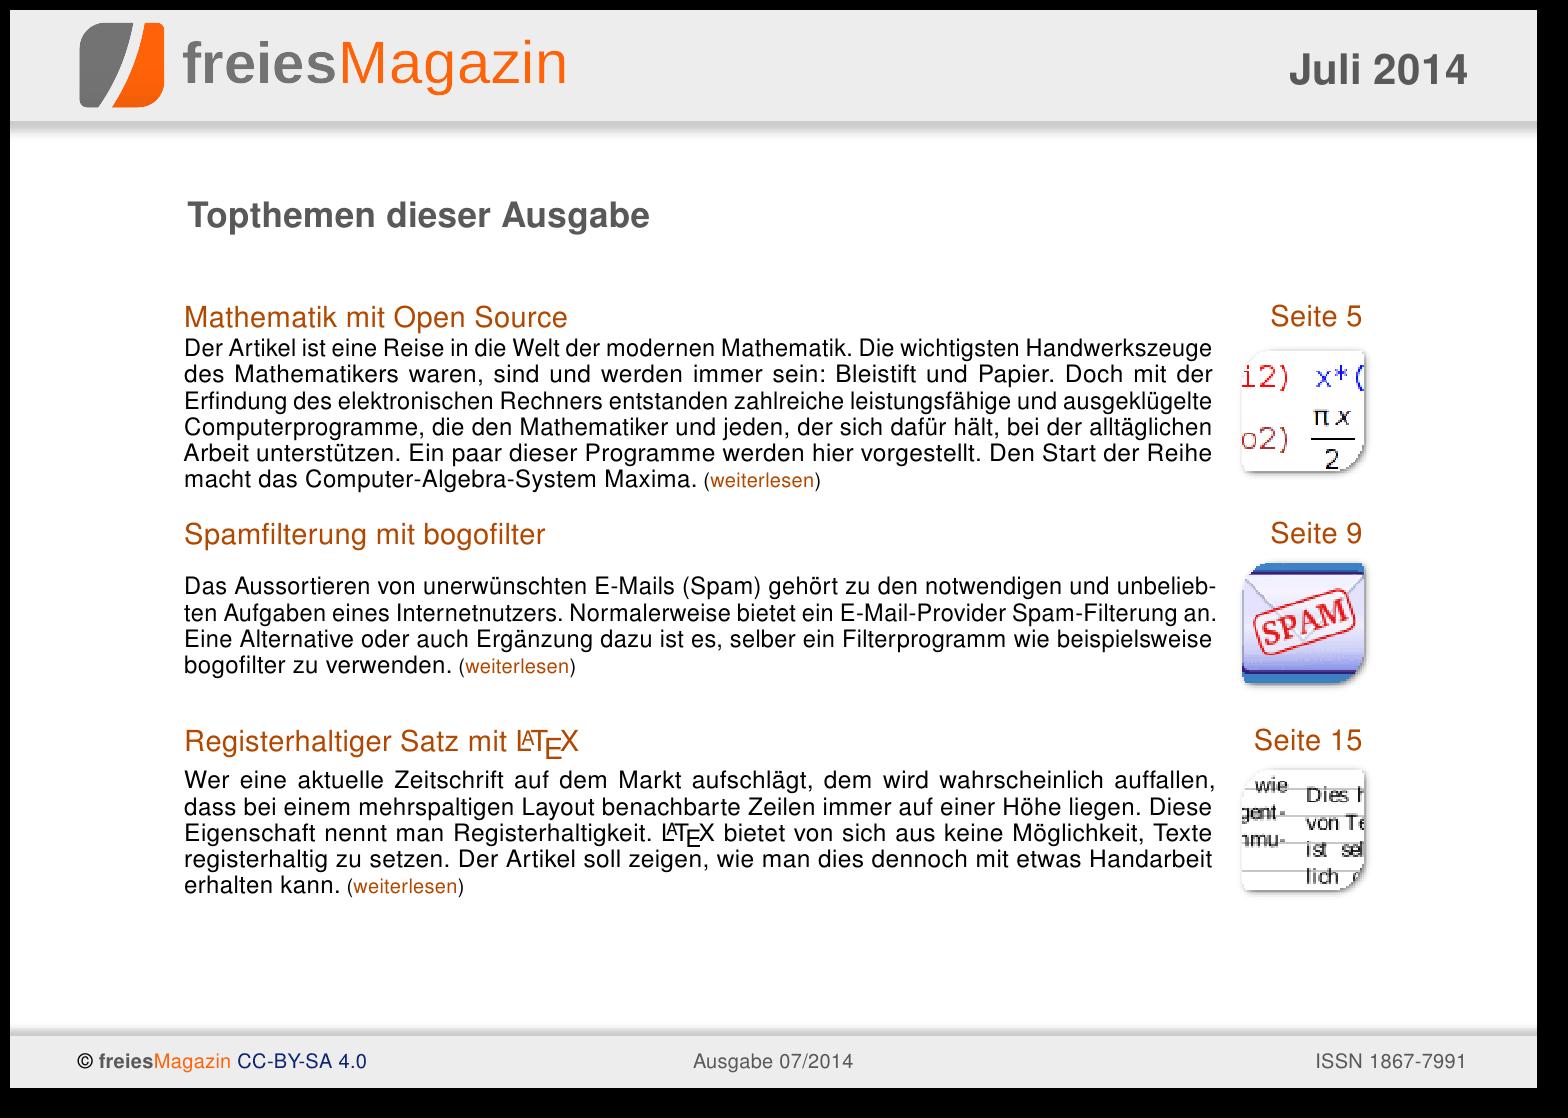 freiesMagazin 07/2014 Titelseite